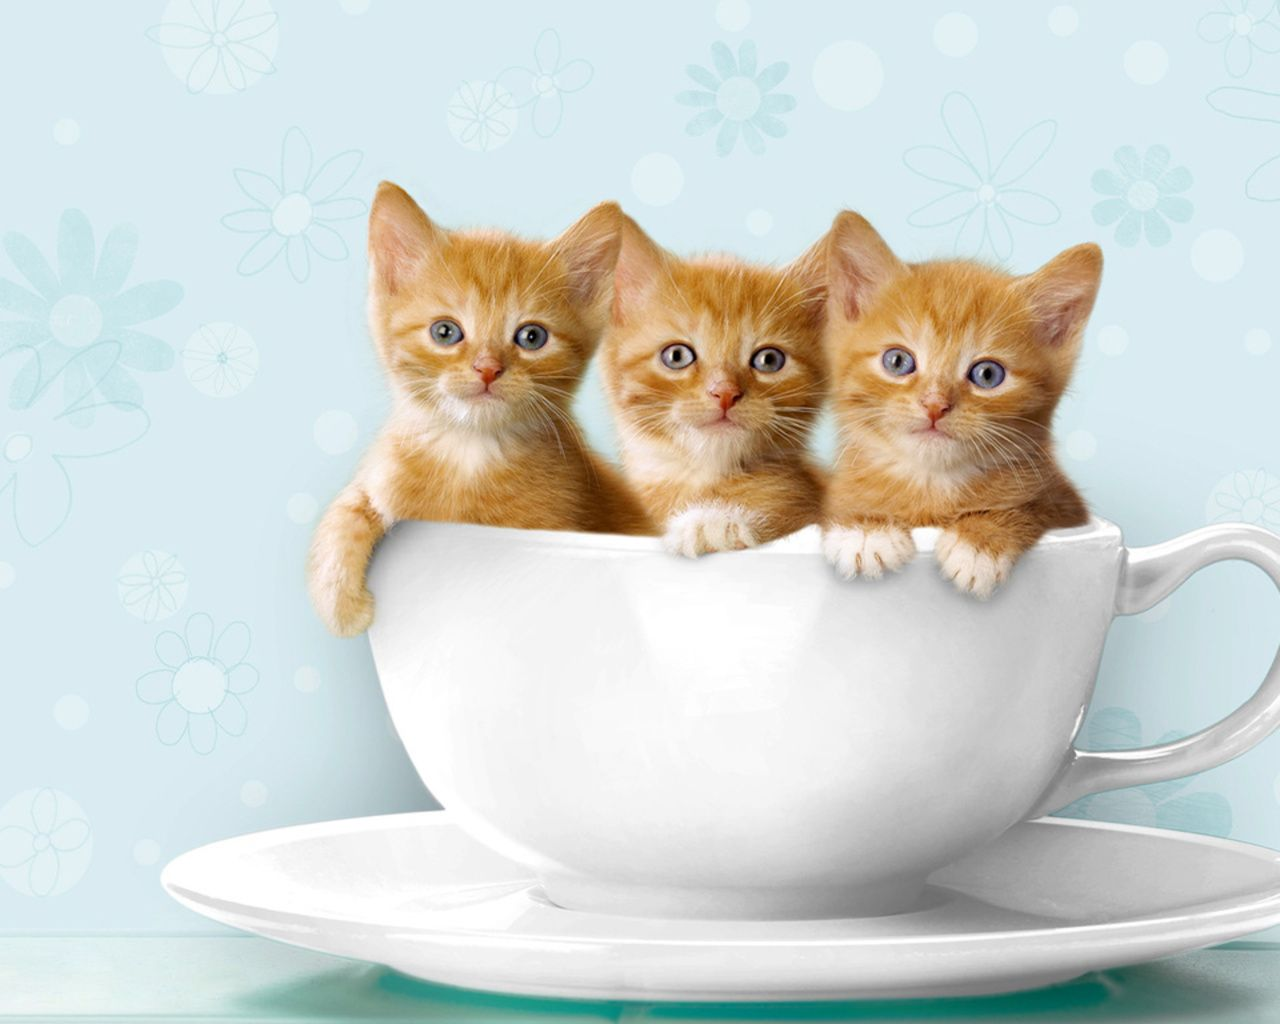 Cute Cat babies in mug Love it